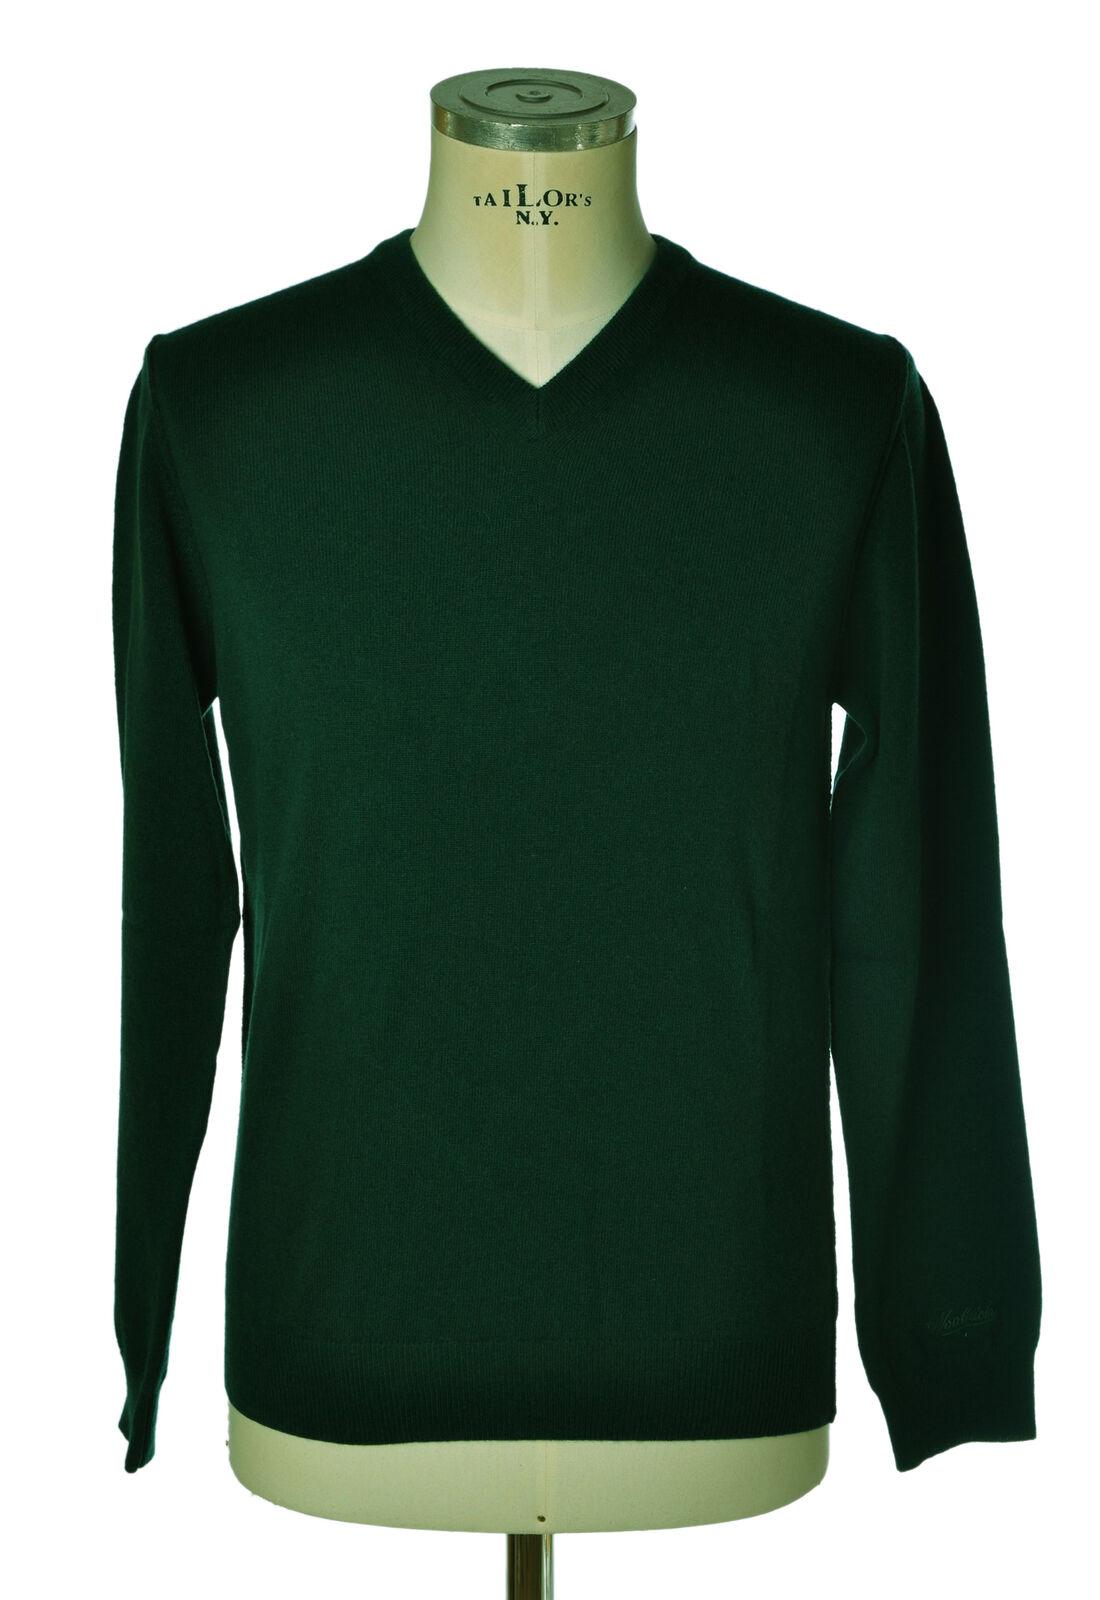 Woolrich - Knitwear-Sweaters - man - Grün - 733017C185014